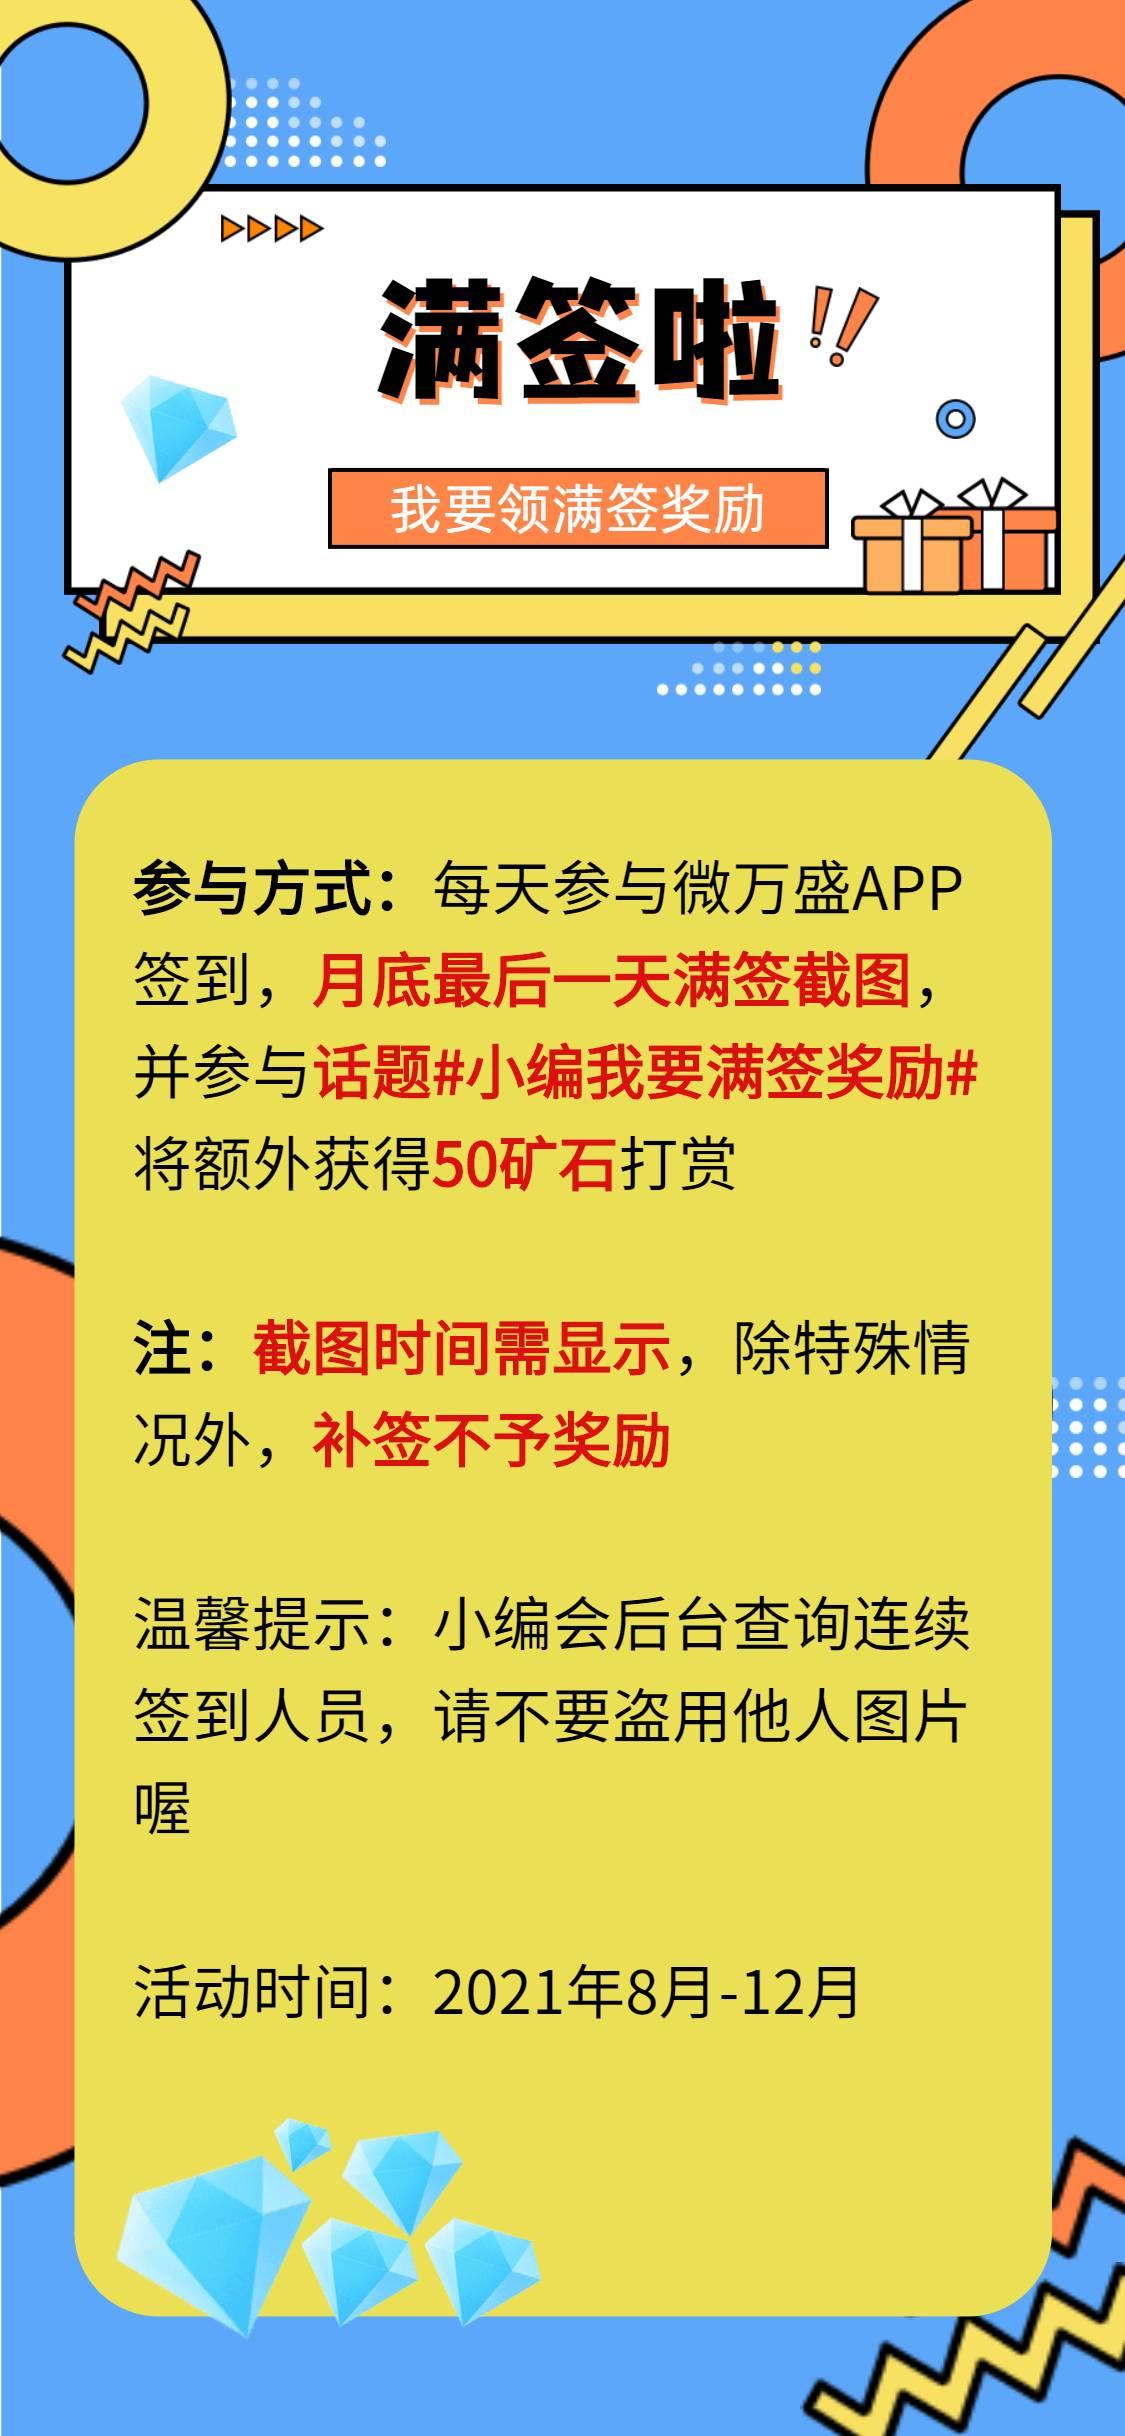 618购物节福利活动促销横版海报 (1).jpg